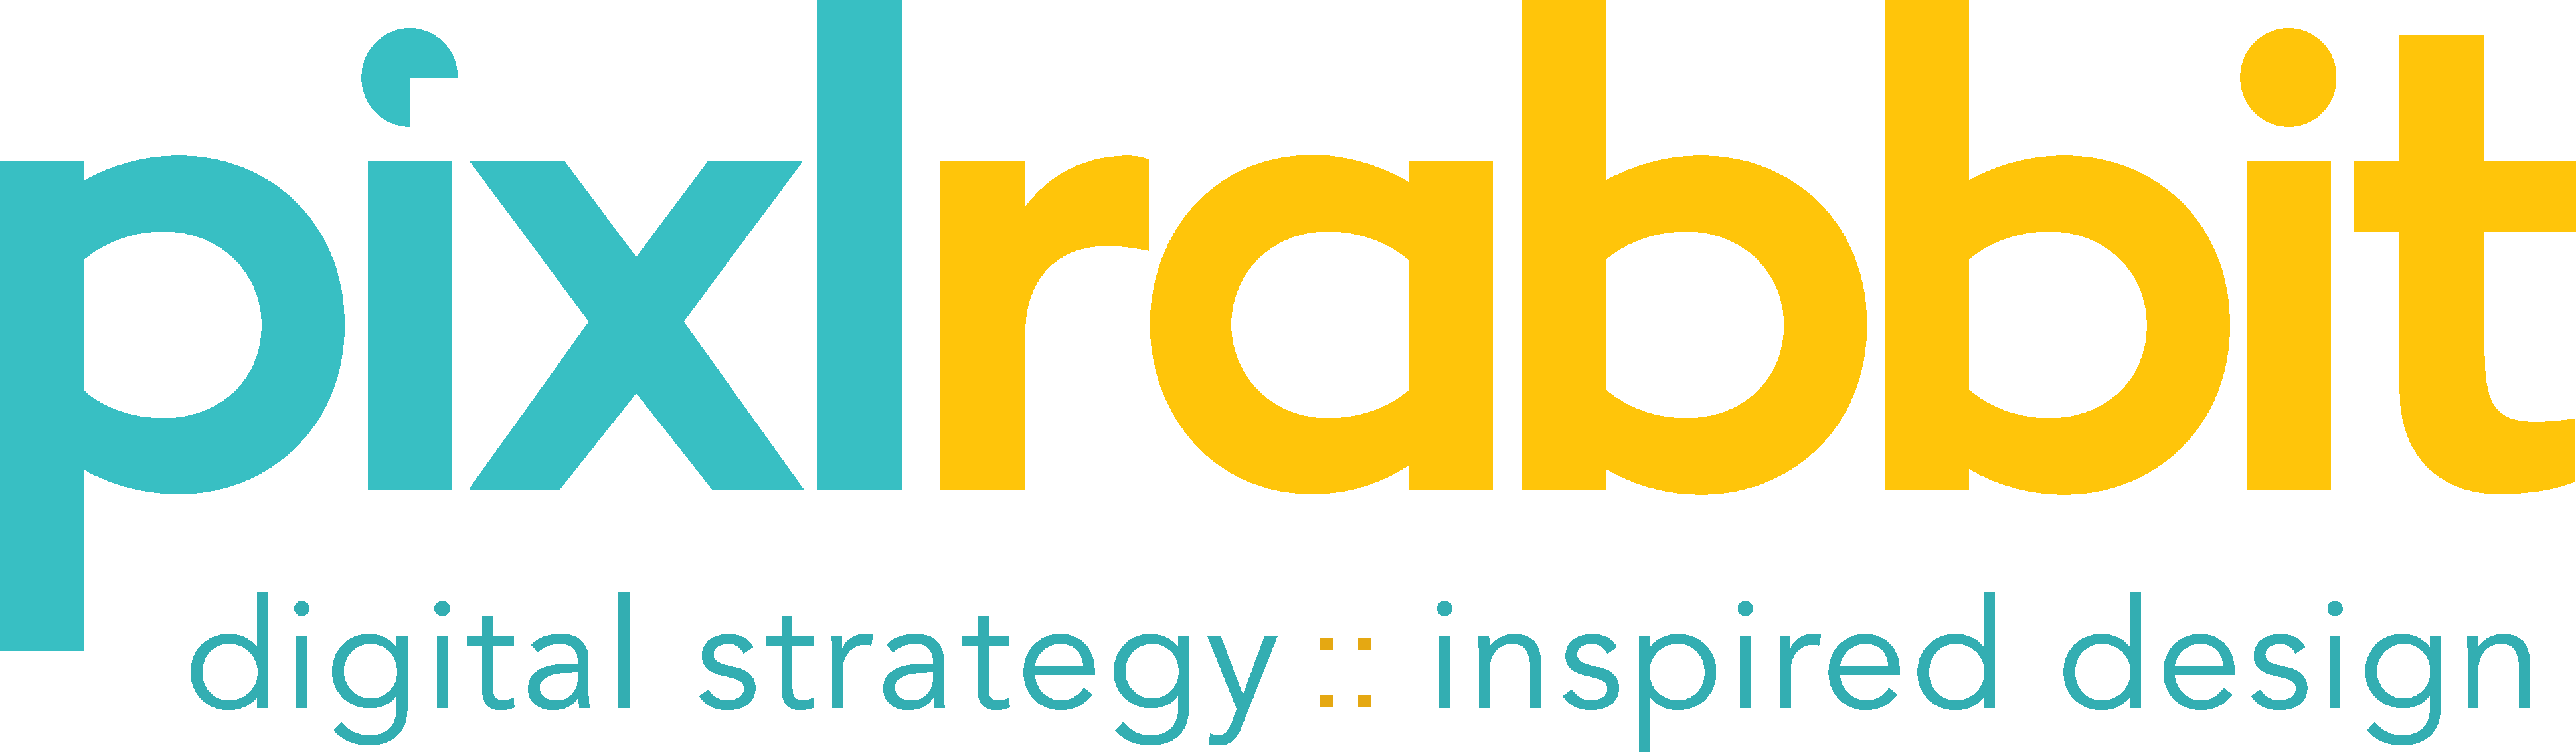 Pixlrabbit Logo